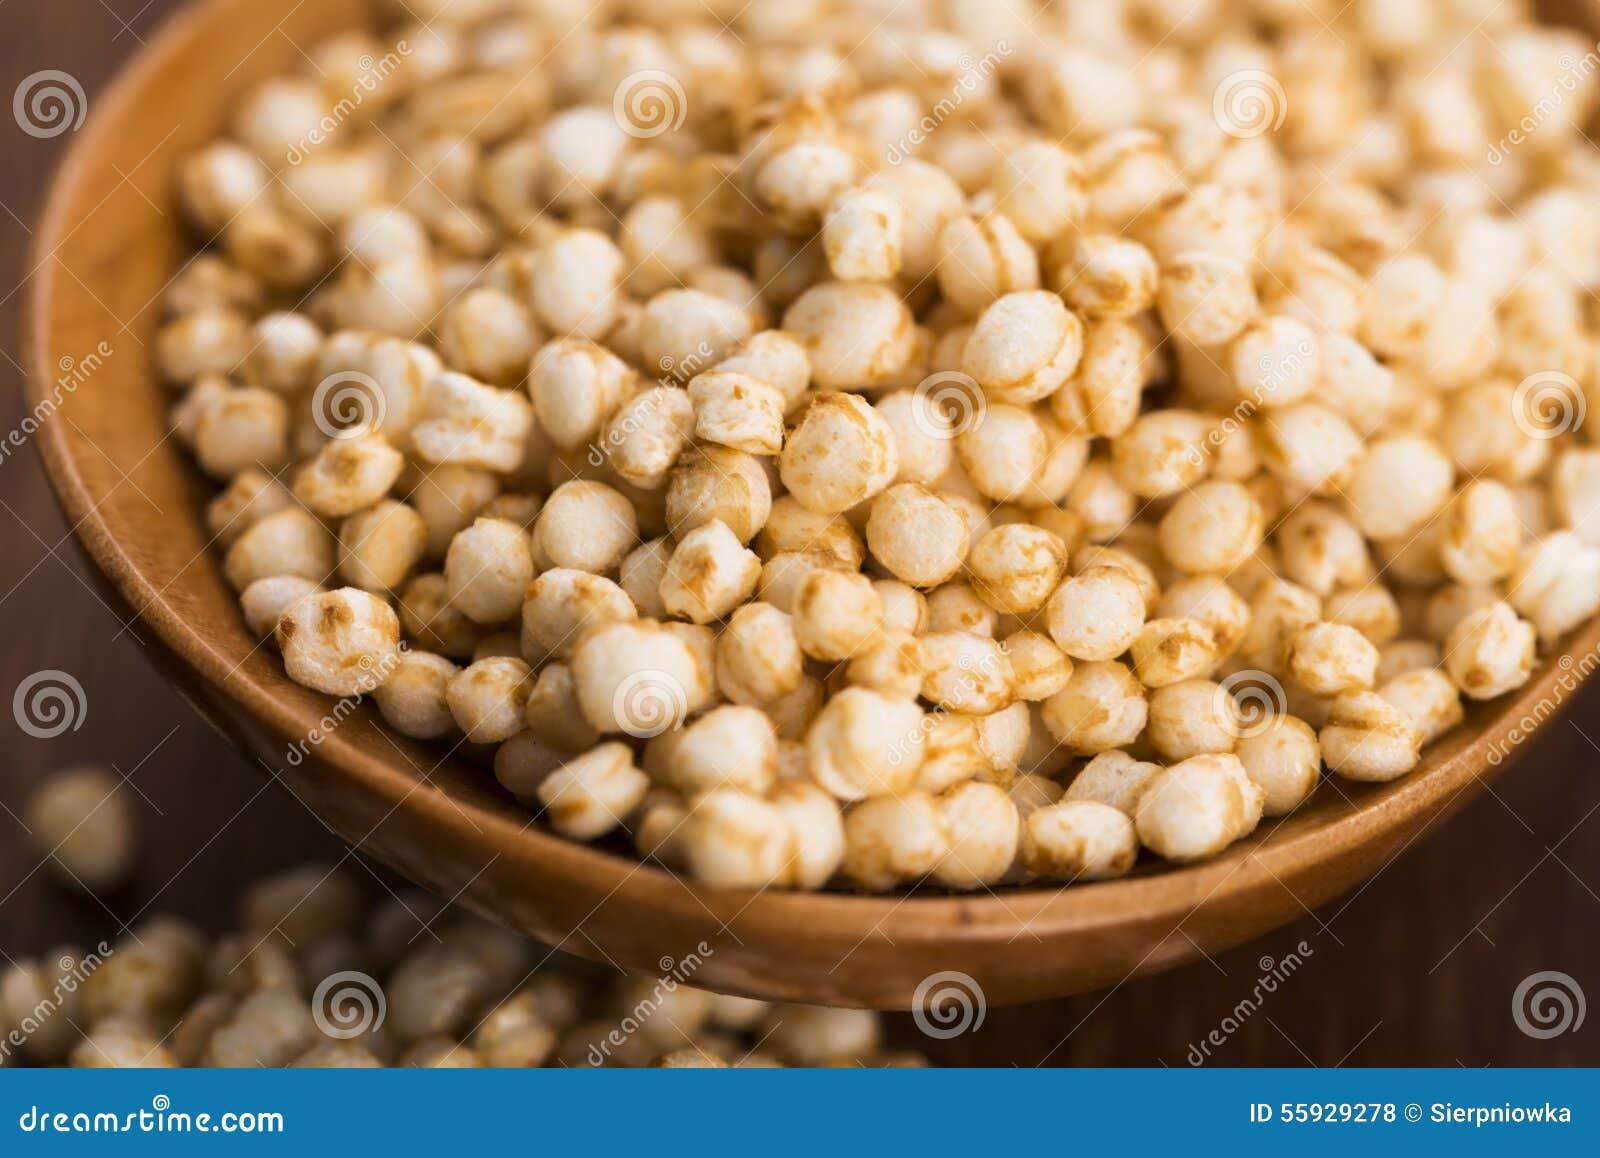 Sauter de quinoa